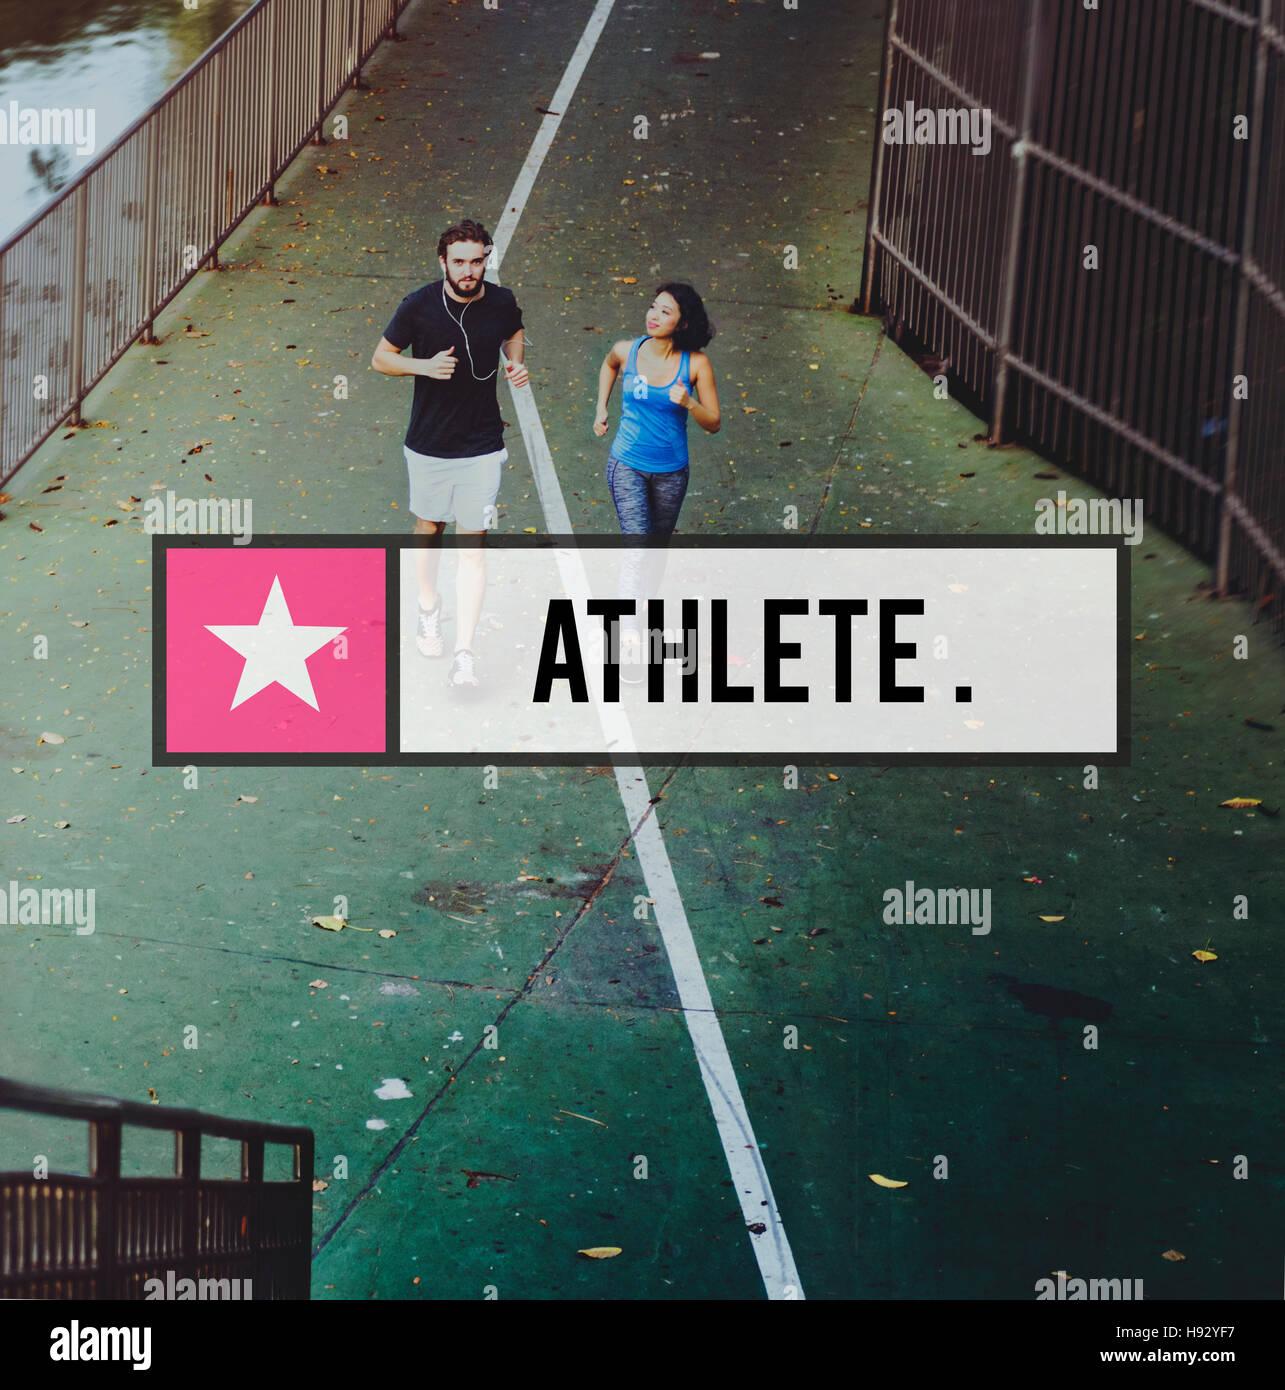 El edificio del cuerpo activo estilo de vida concepto atlético Imagen De Stock